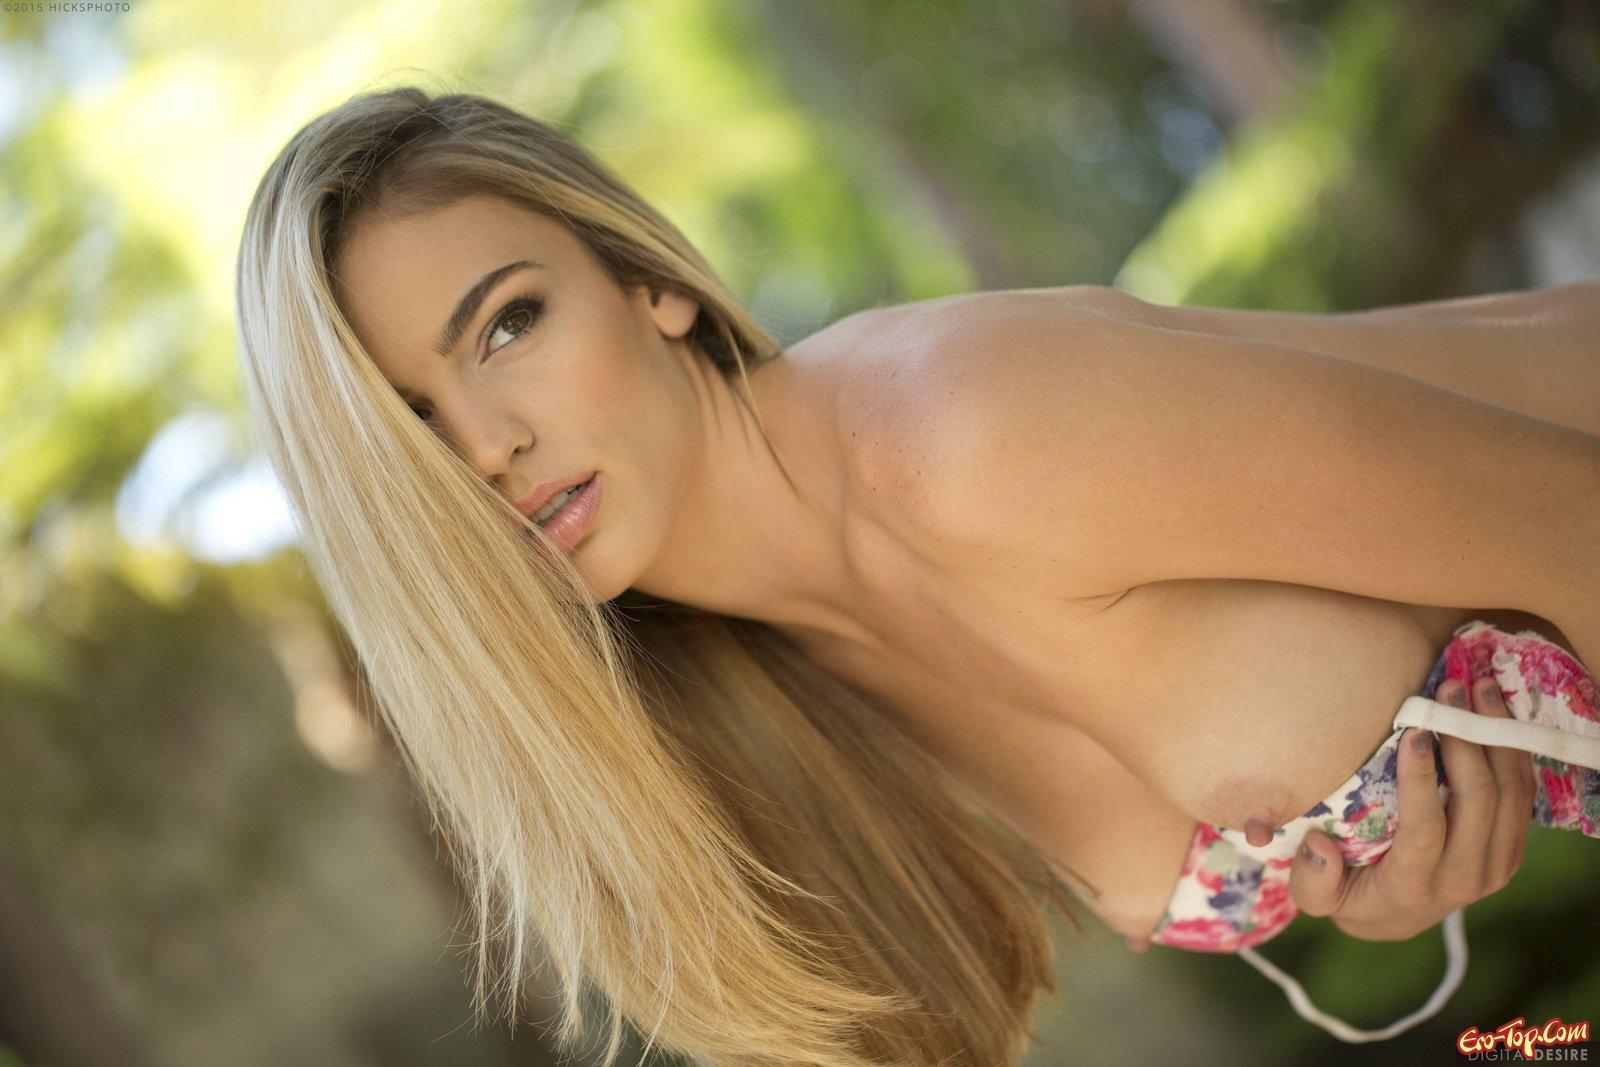 Сексуальная модель со свелыми волосами засветила крупные сиськи